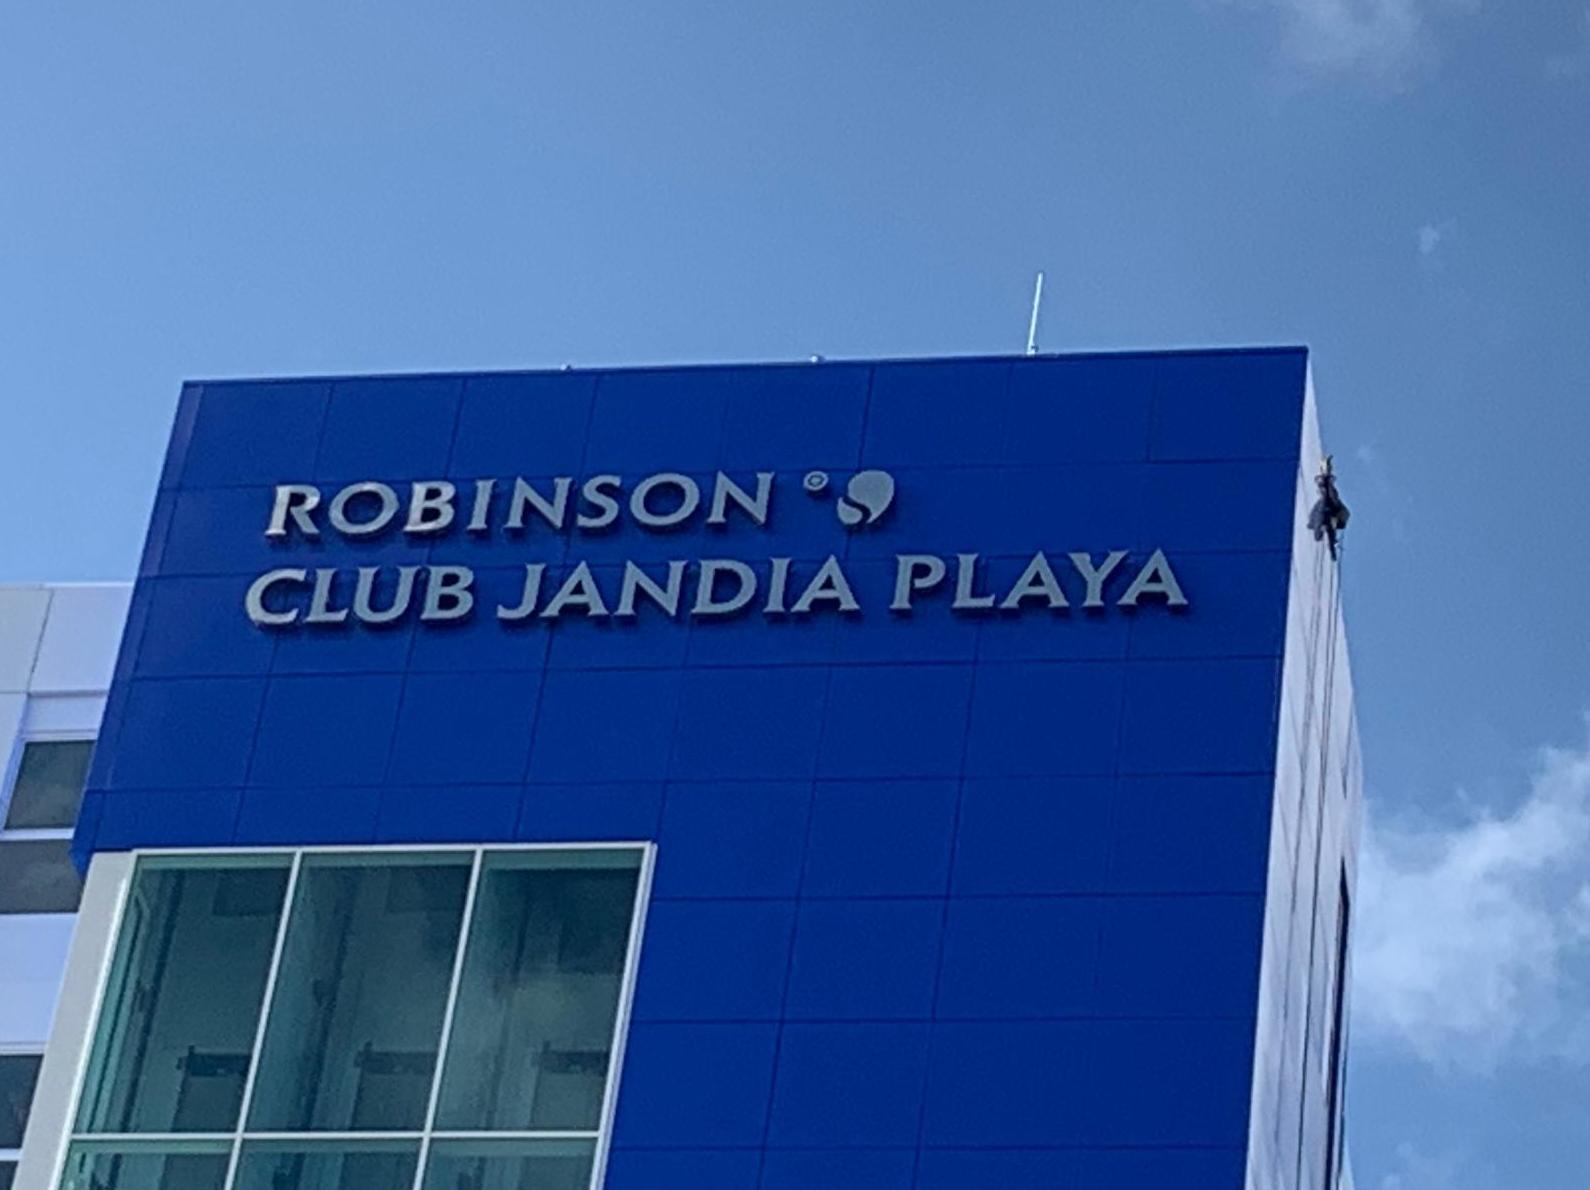 Robinson Club Jandia Playa, (Limpieza de cristales)